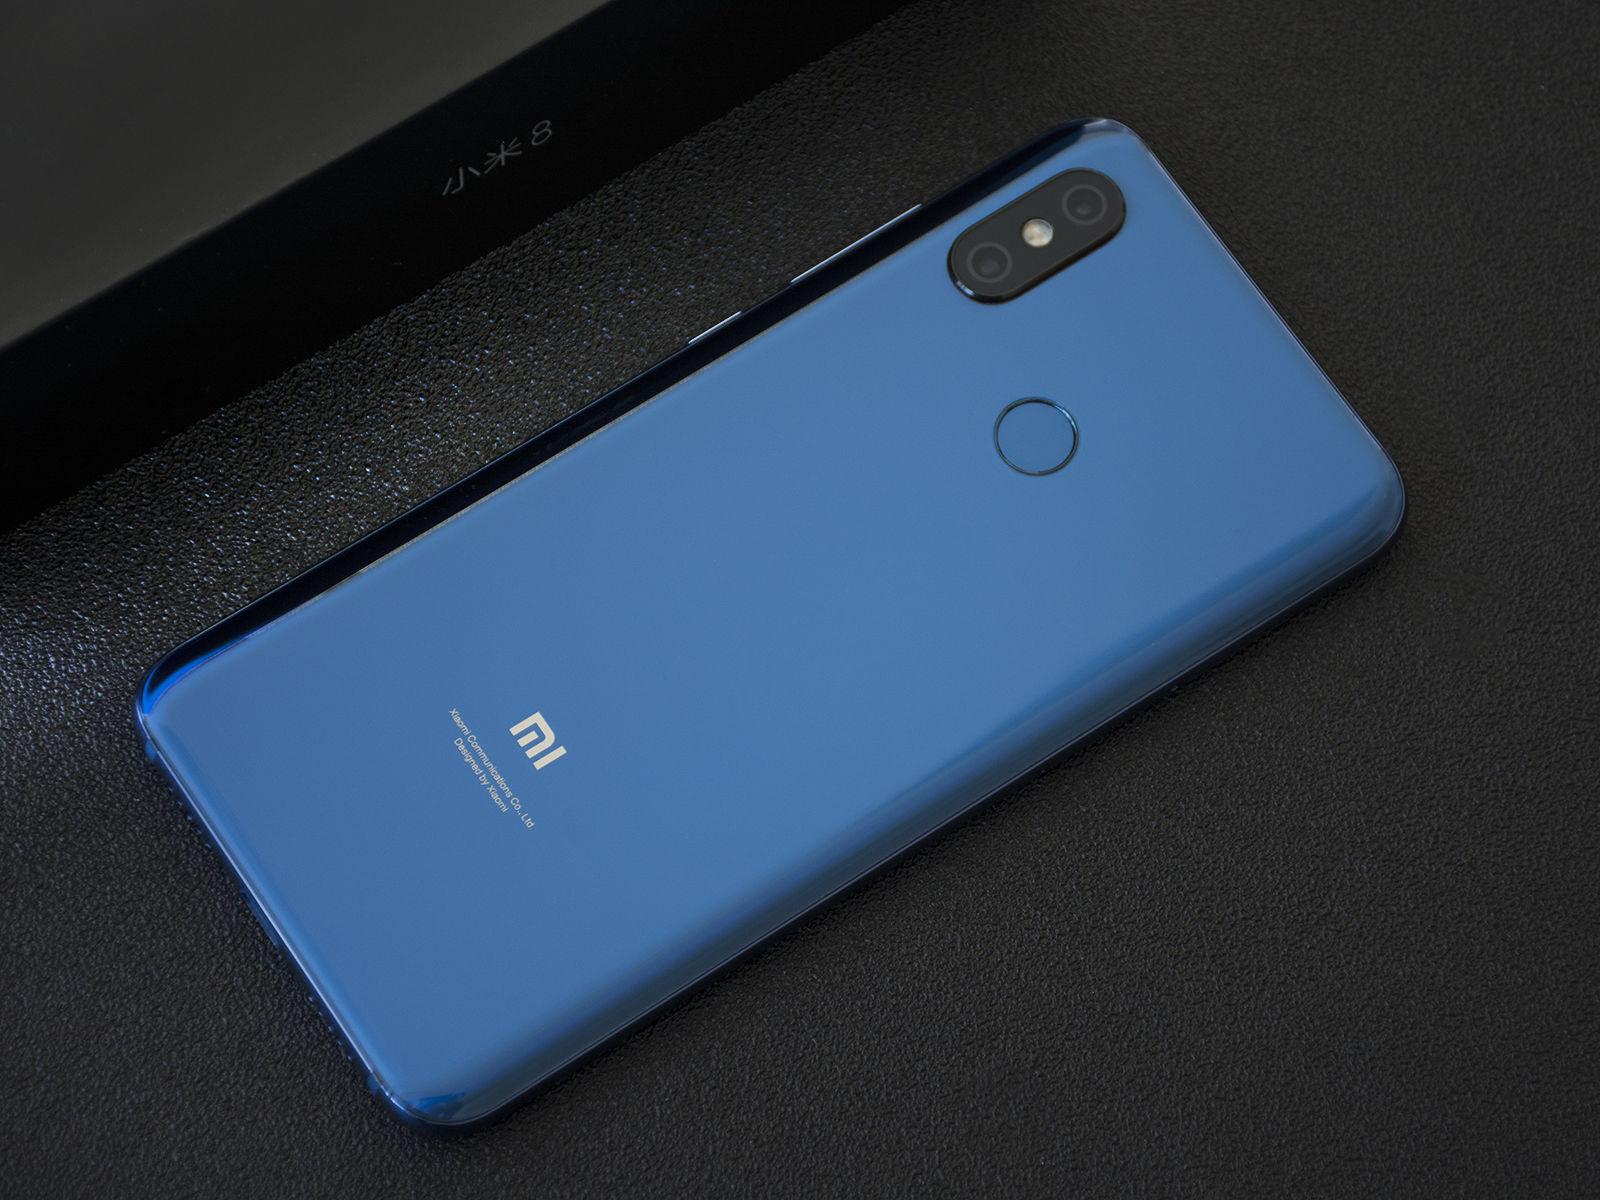 小米8蓝色版首发上手图:温润握感,颜值出色!